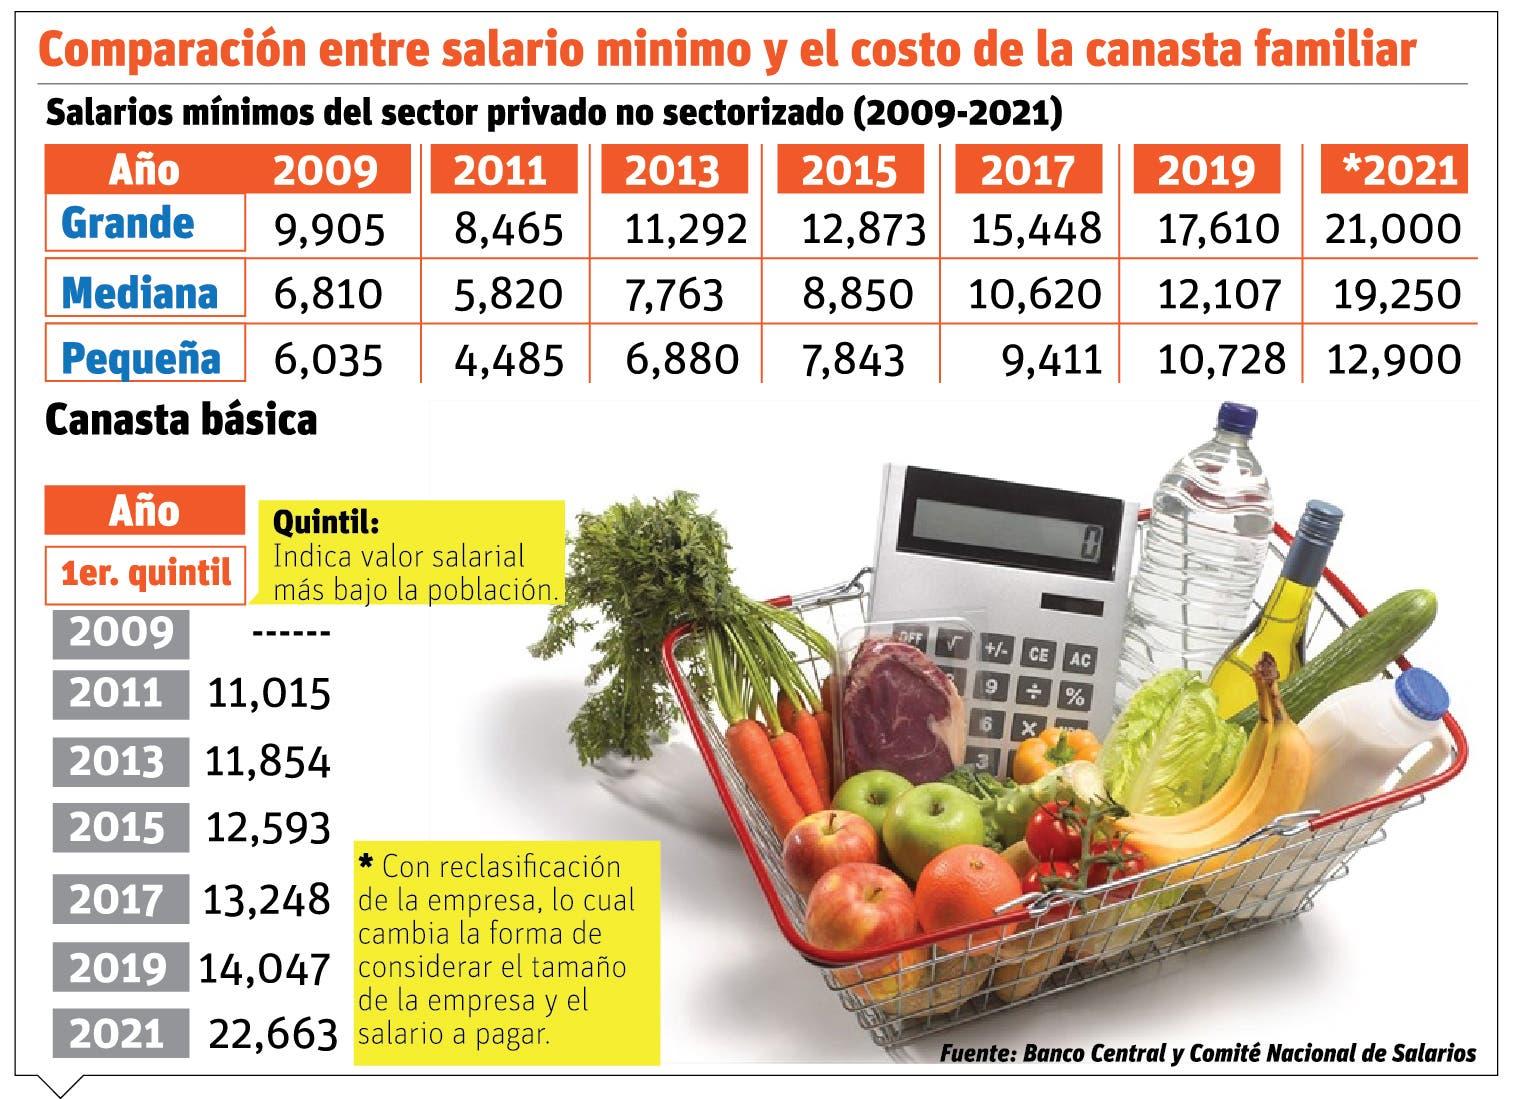 El aumento salarial se queda corto ante costo canasta básica